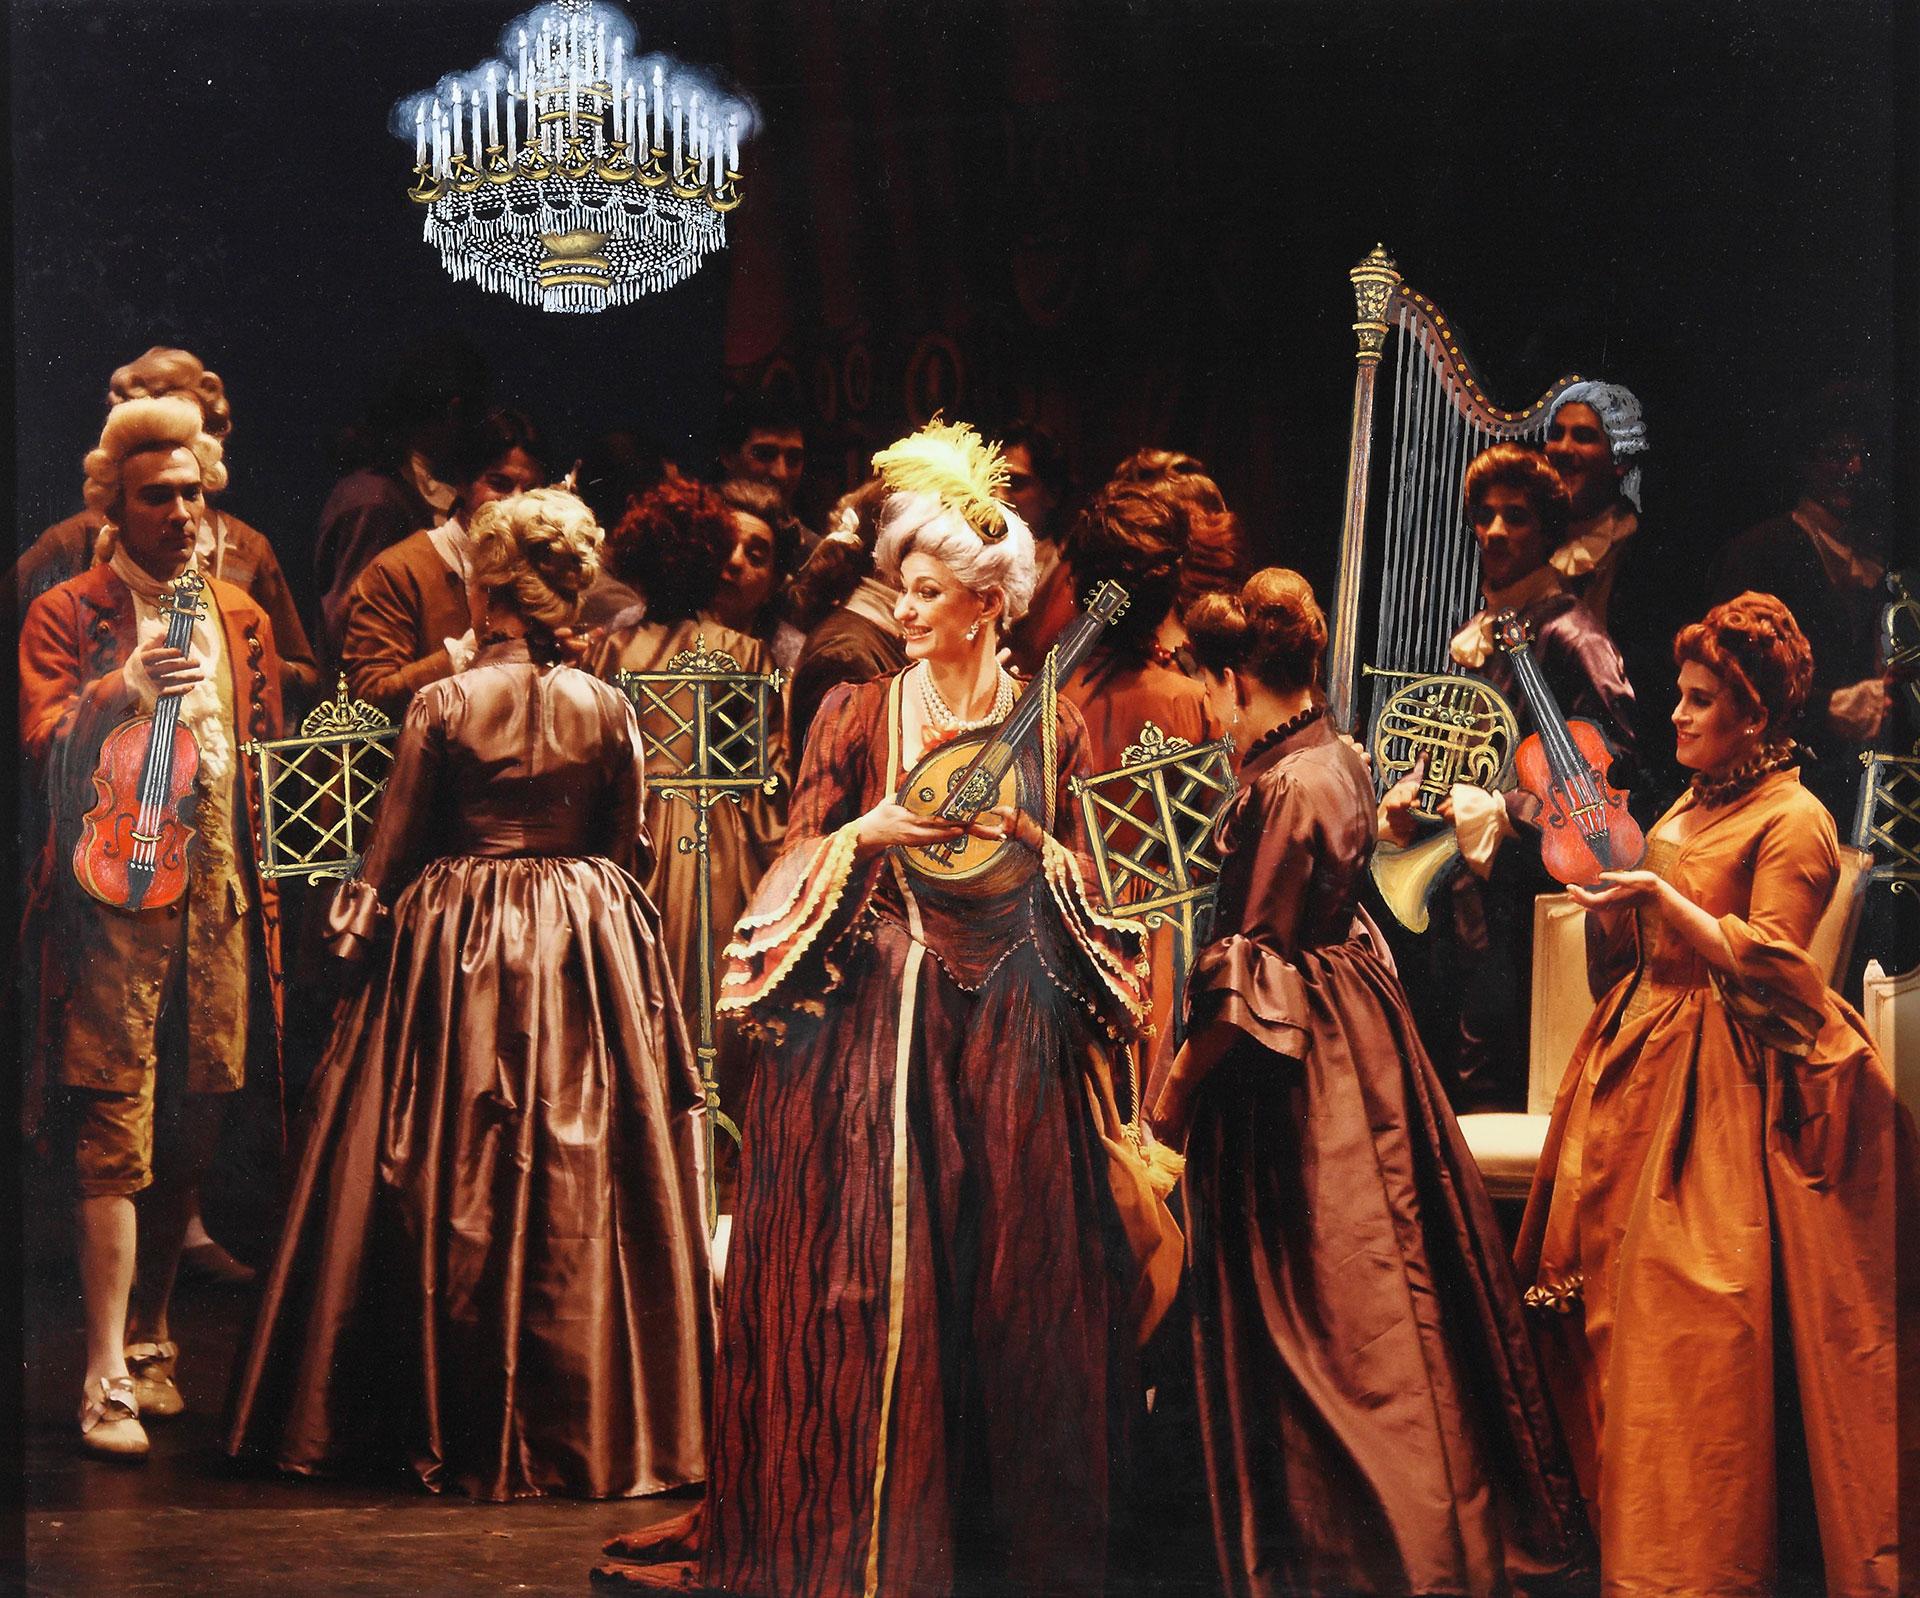 CONCIERTO BARROCO: Preparando los instrumentos y los atriles para un pequeño concierto enel palacio de la Condesa